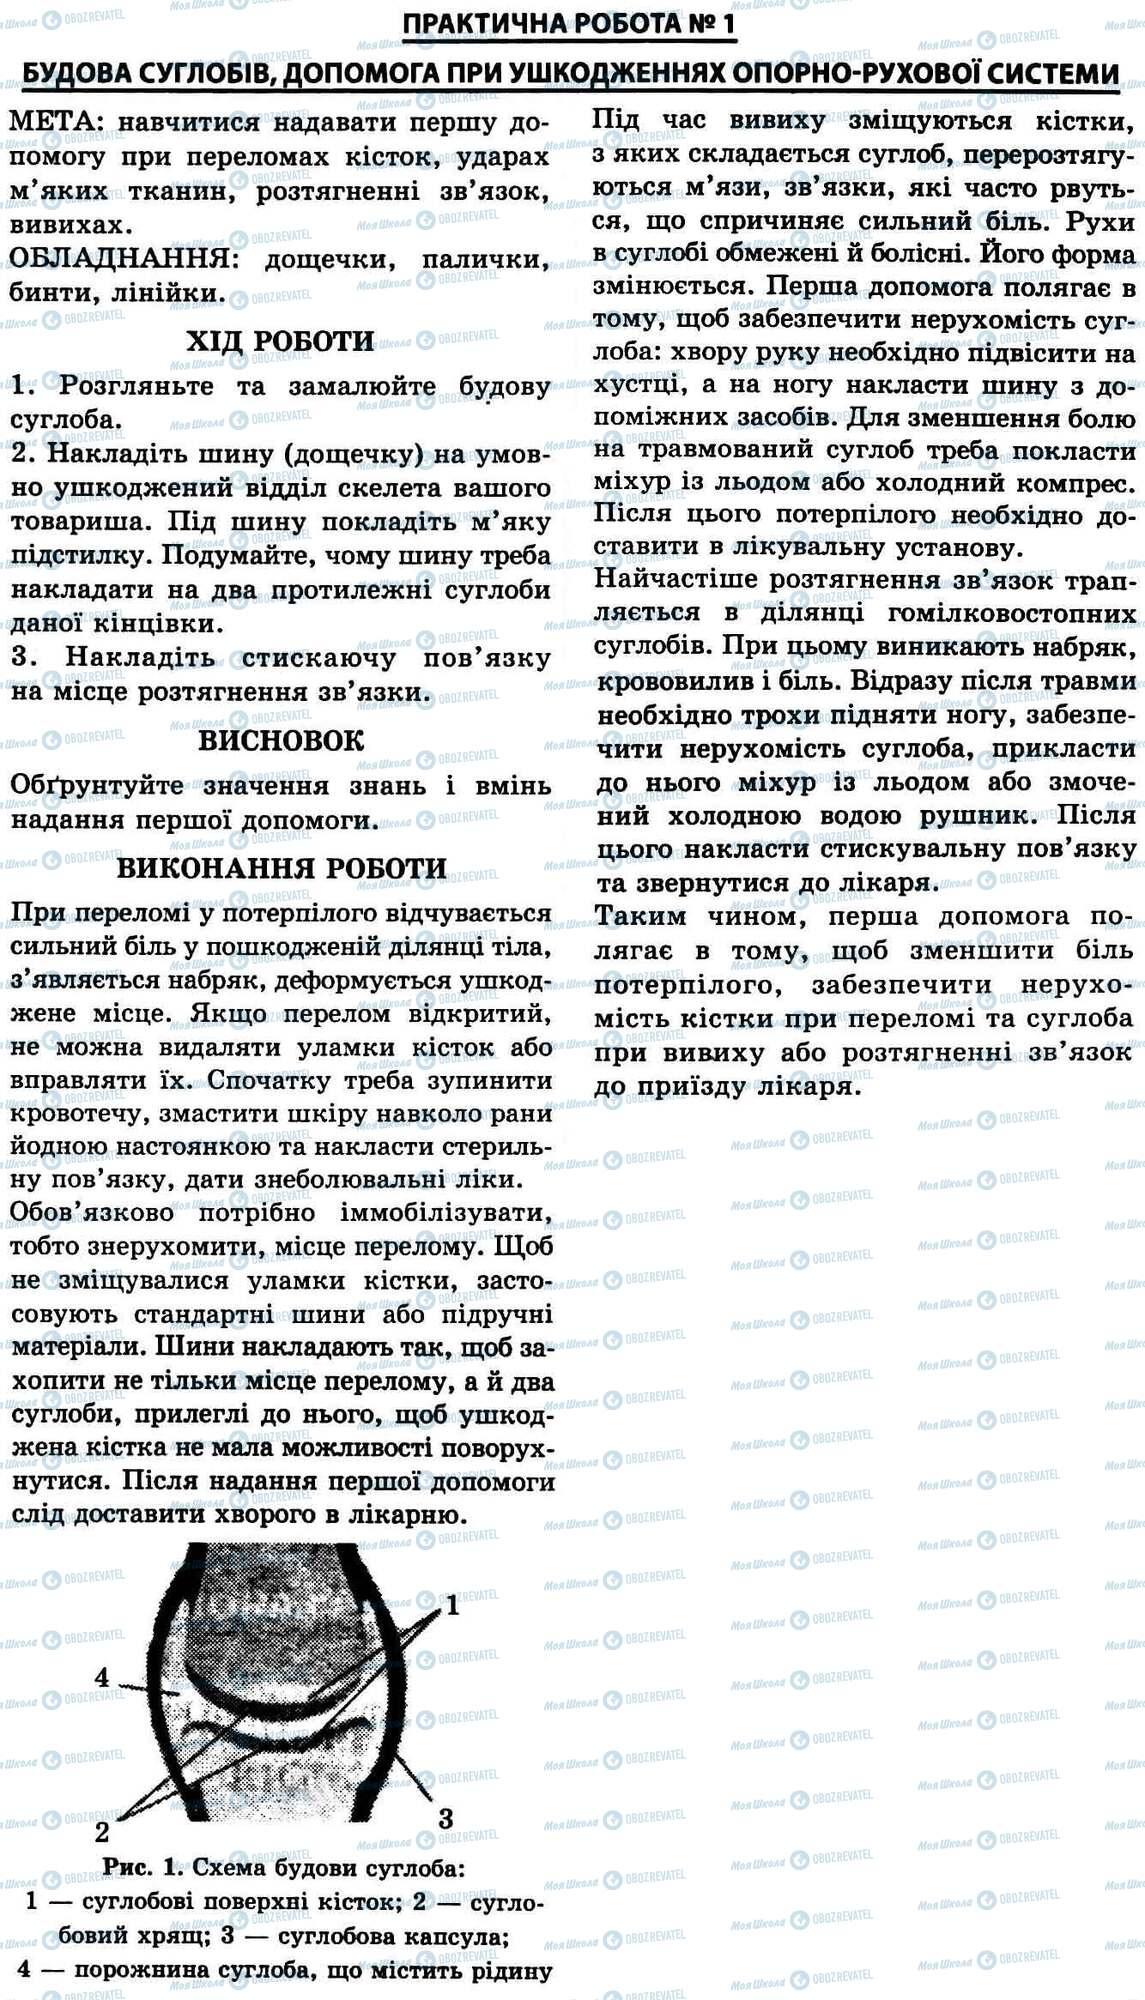 ГДЗ Біологія 9 клас сторінка № 1. Будова суглобів